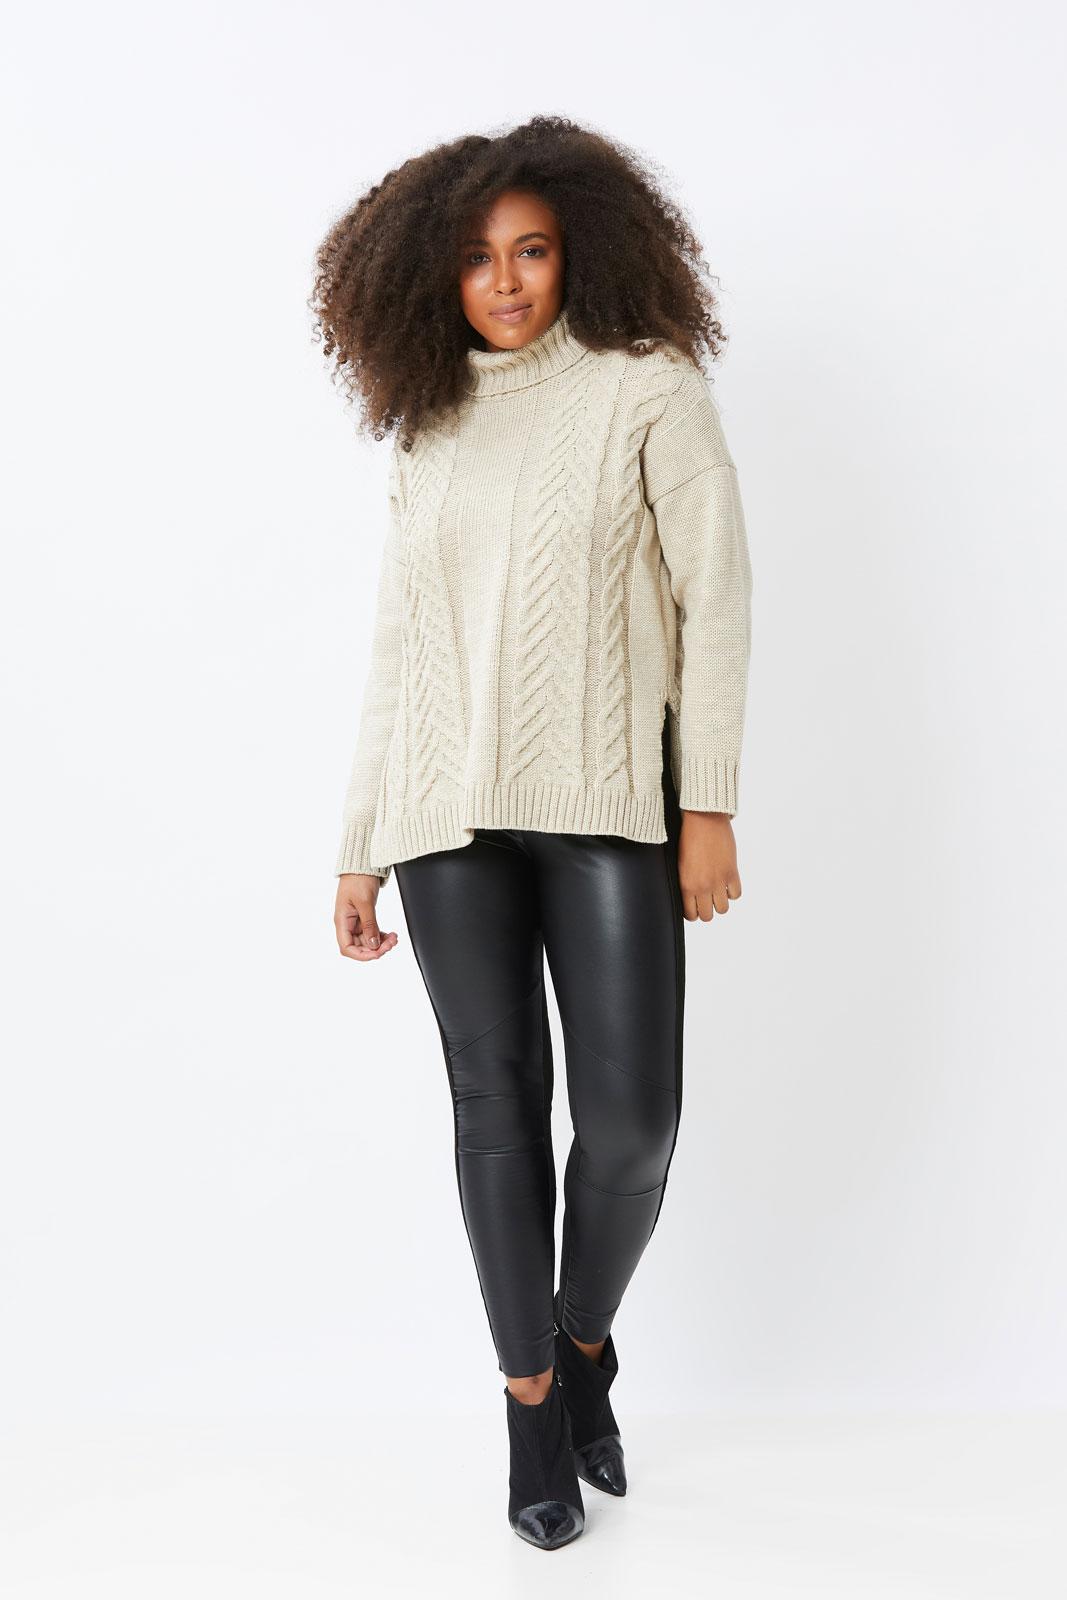 Blusa Ralm suéter de tricot em tranças